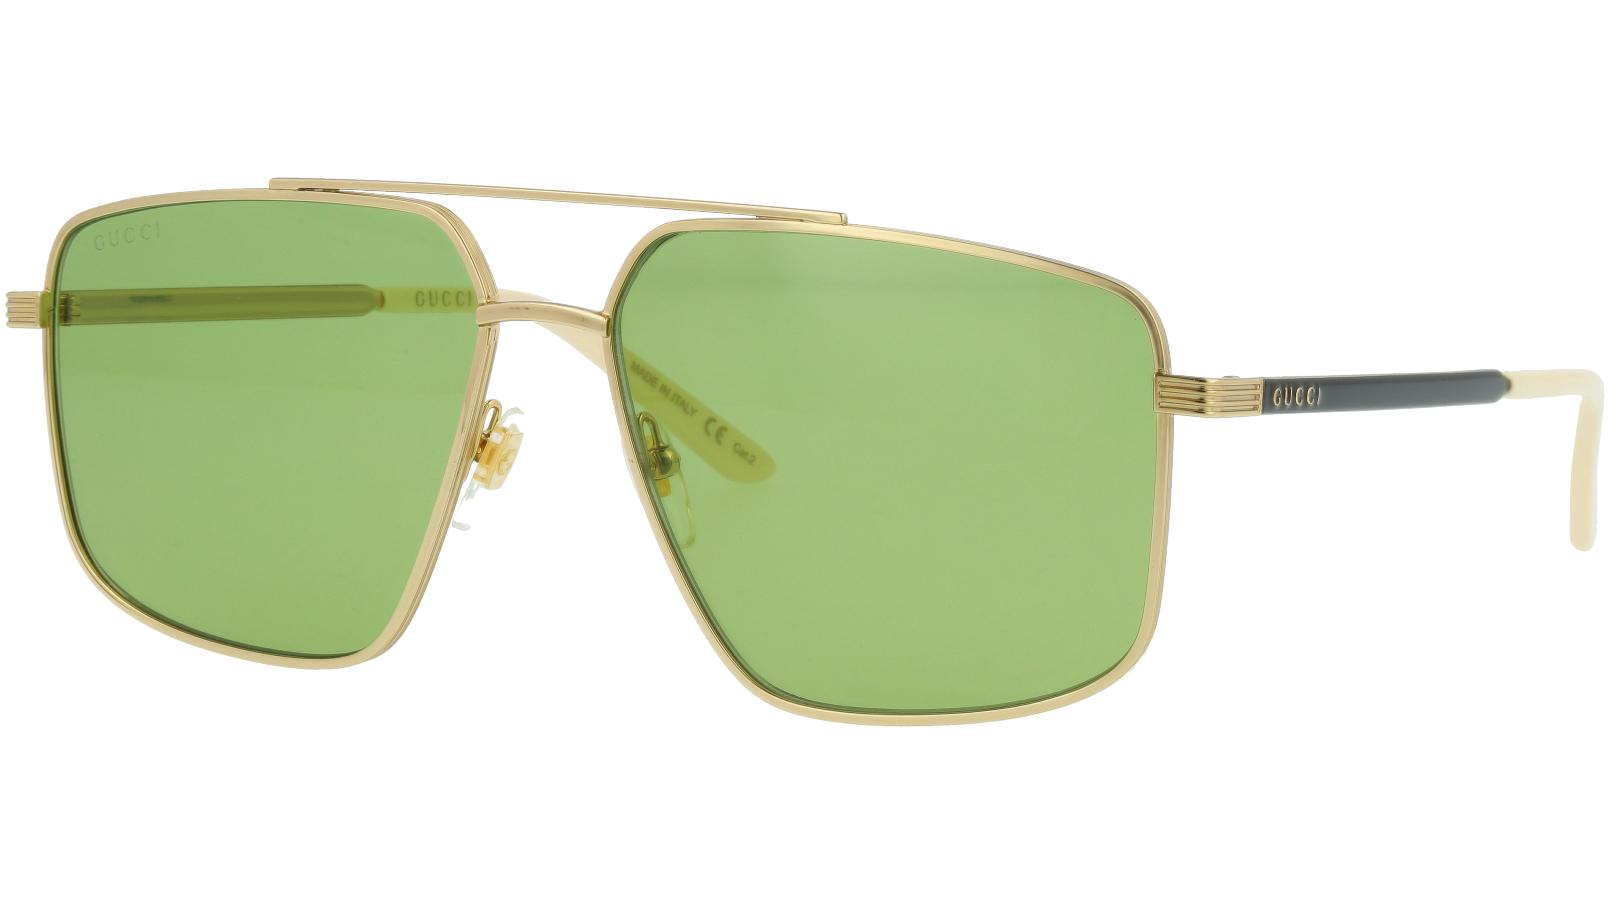 Gucci GG0941S 003 60 Gold Pilot Sunglasses